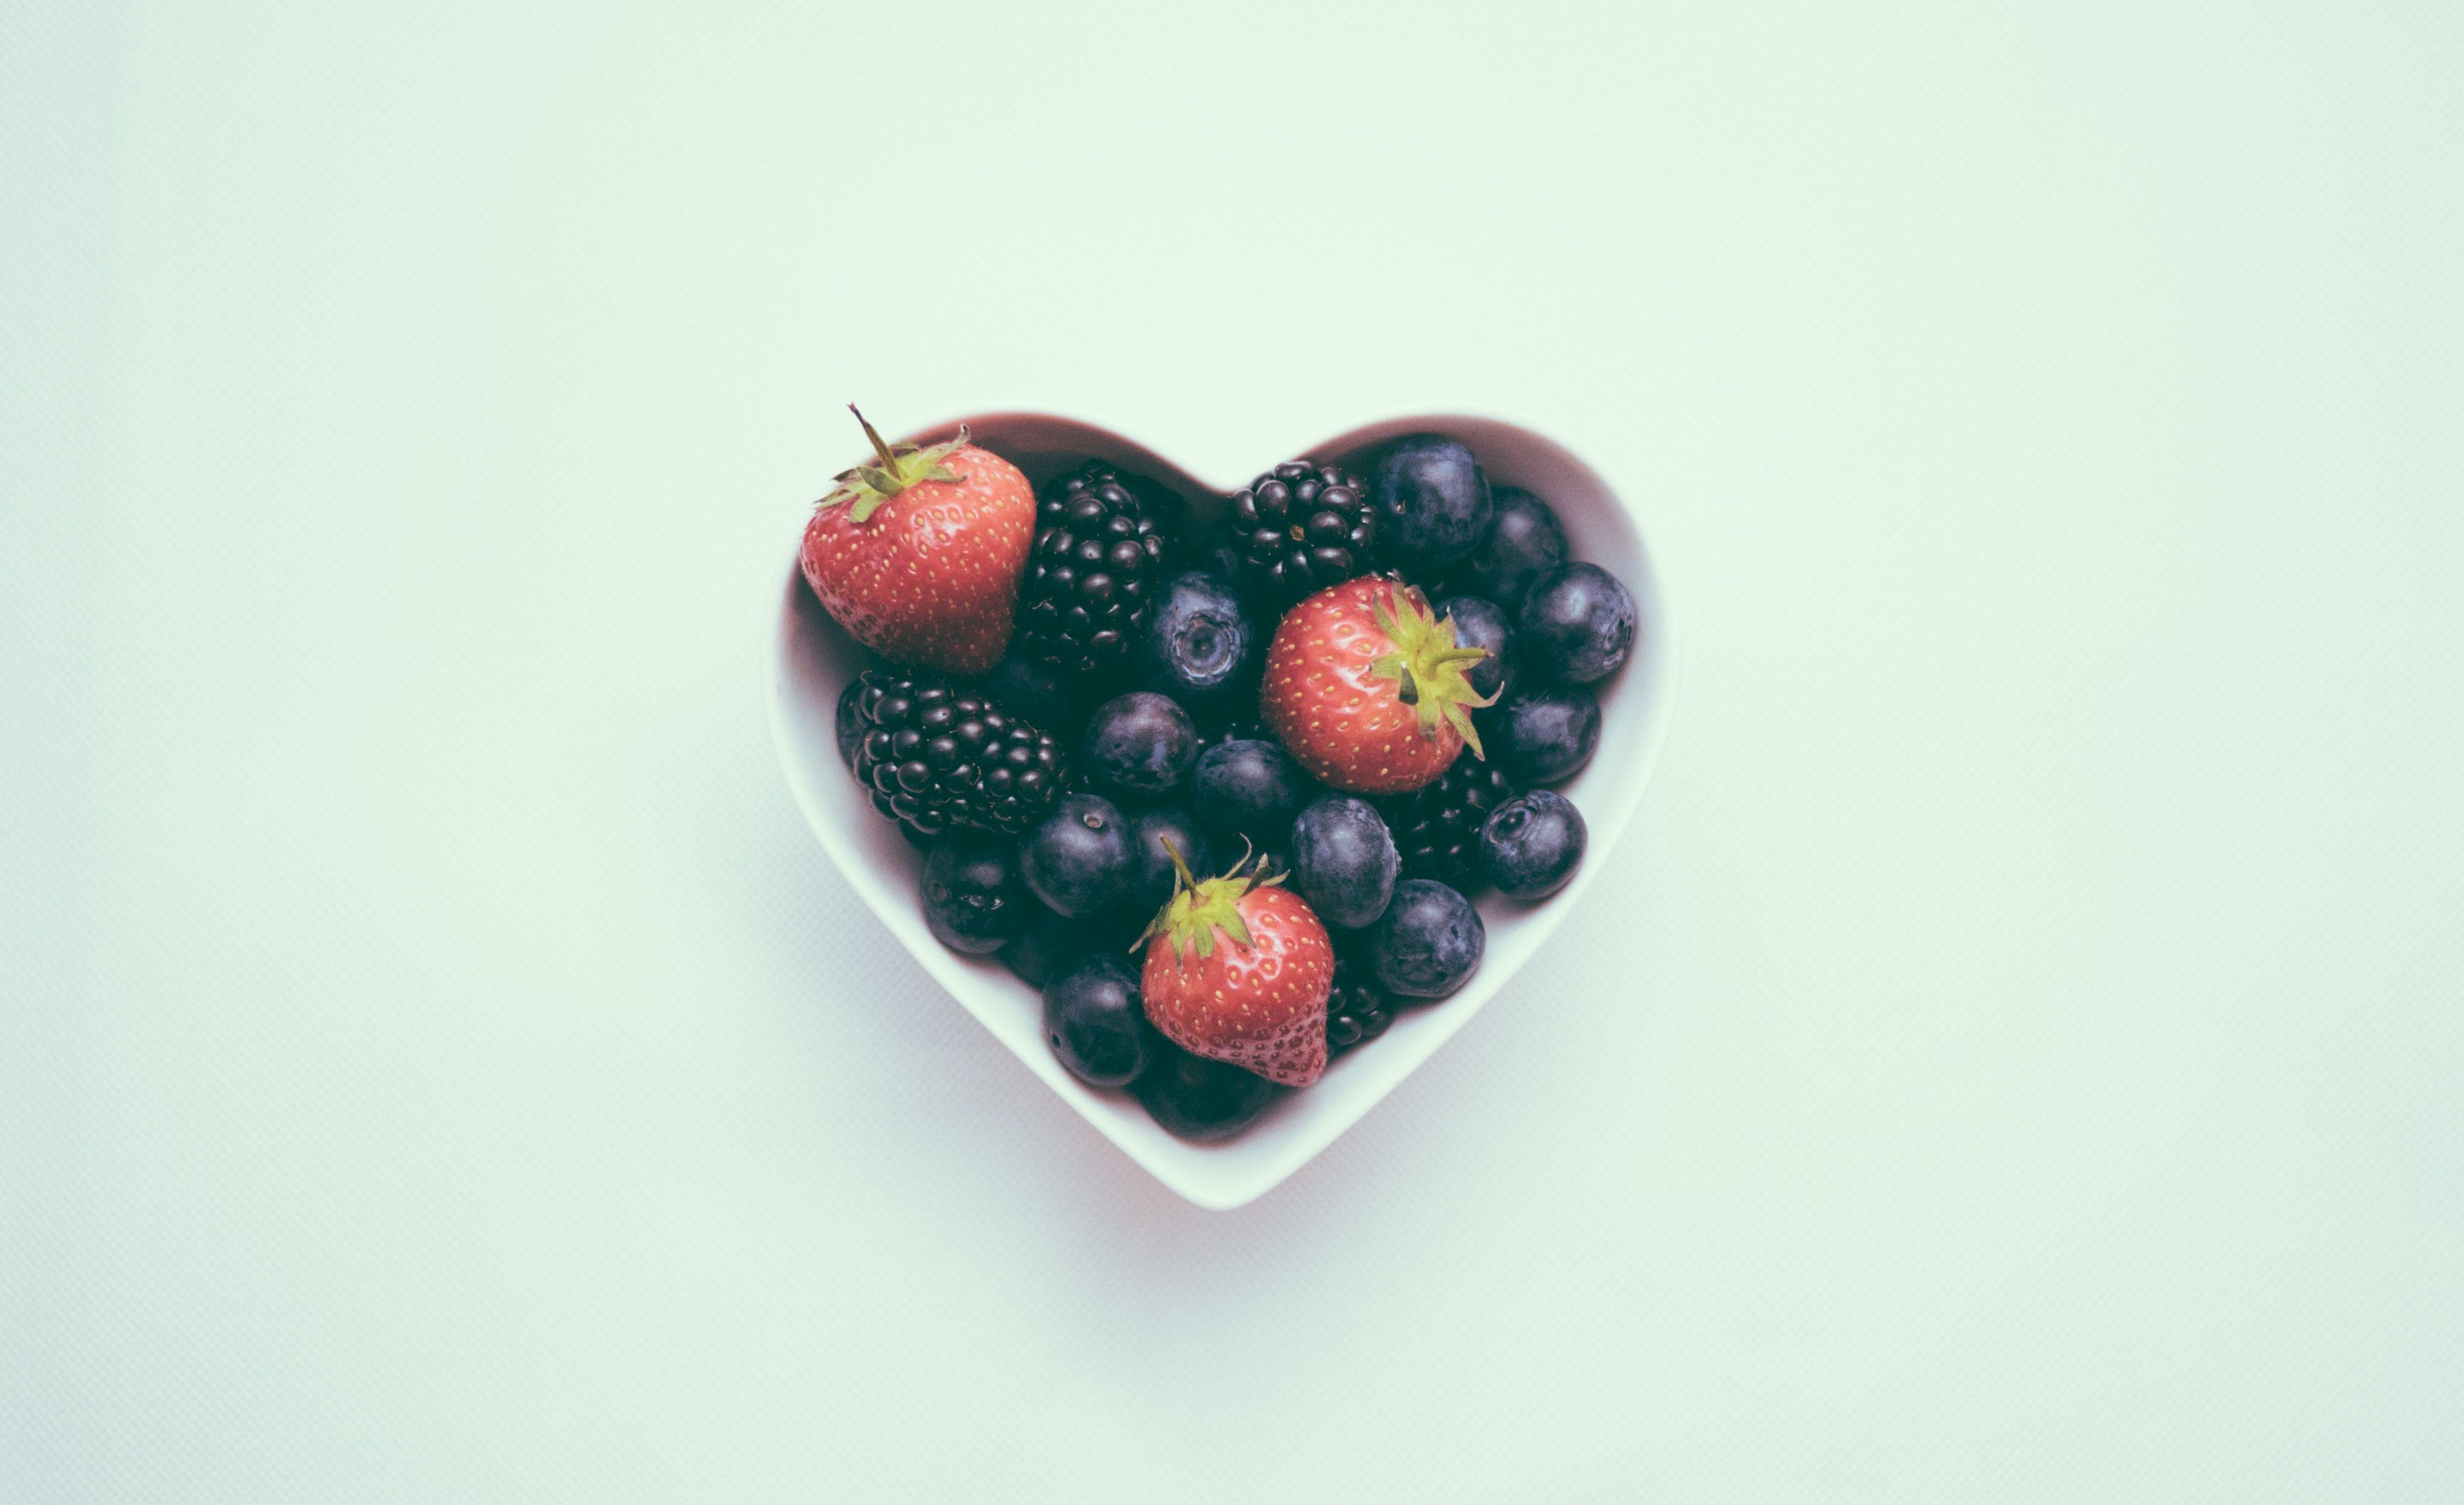 bowl of berries fruit